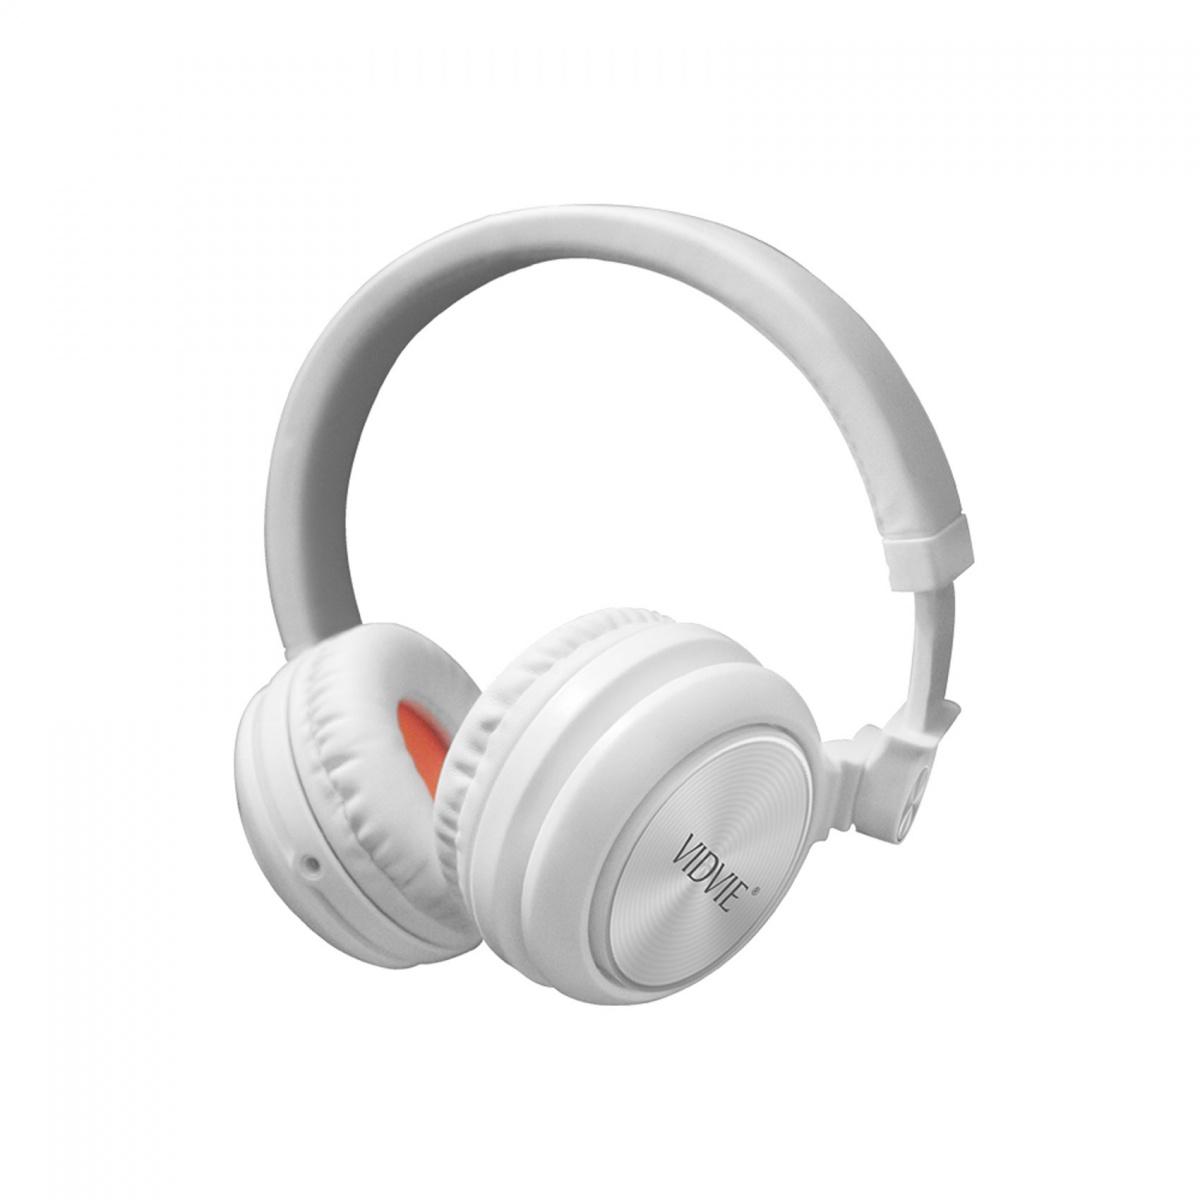 Vidvie HS617 Wired Headset - White